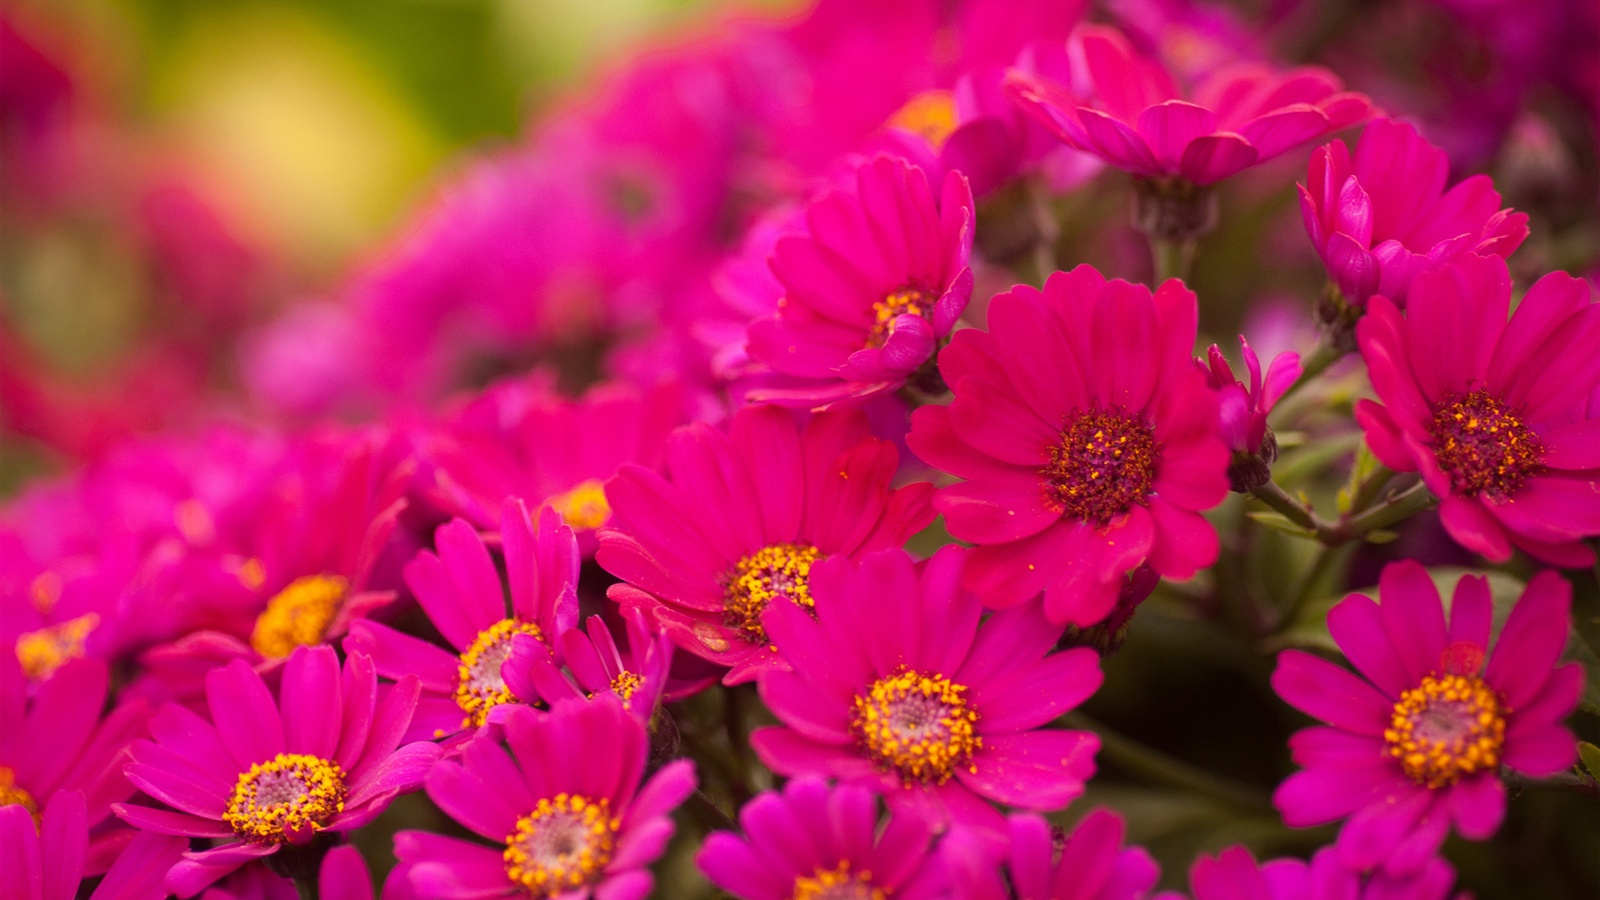 Fondos De Pantalla Flores Rosadas Crisantemo Fondo: Muitos Rosa Brilhante Crisântemo Papéis De Parede